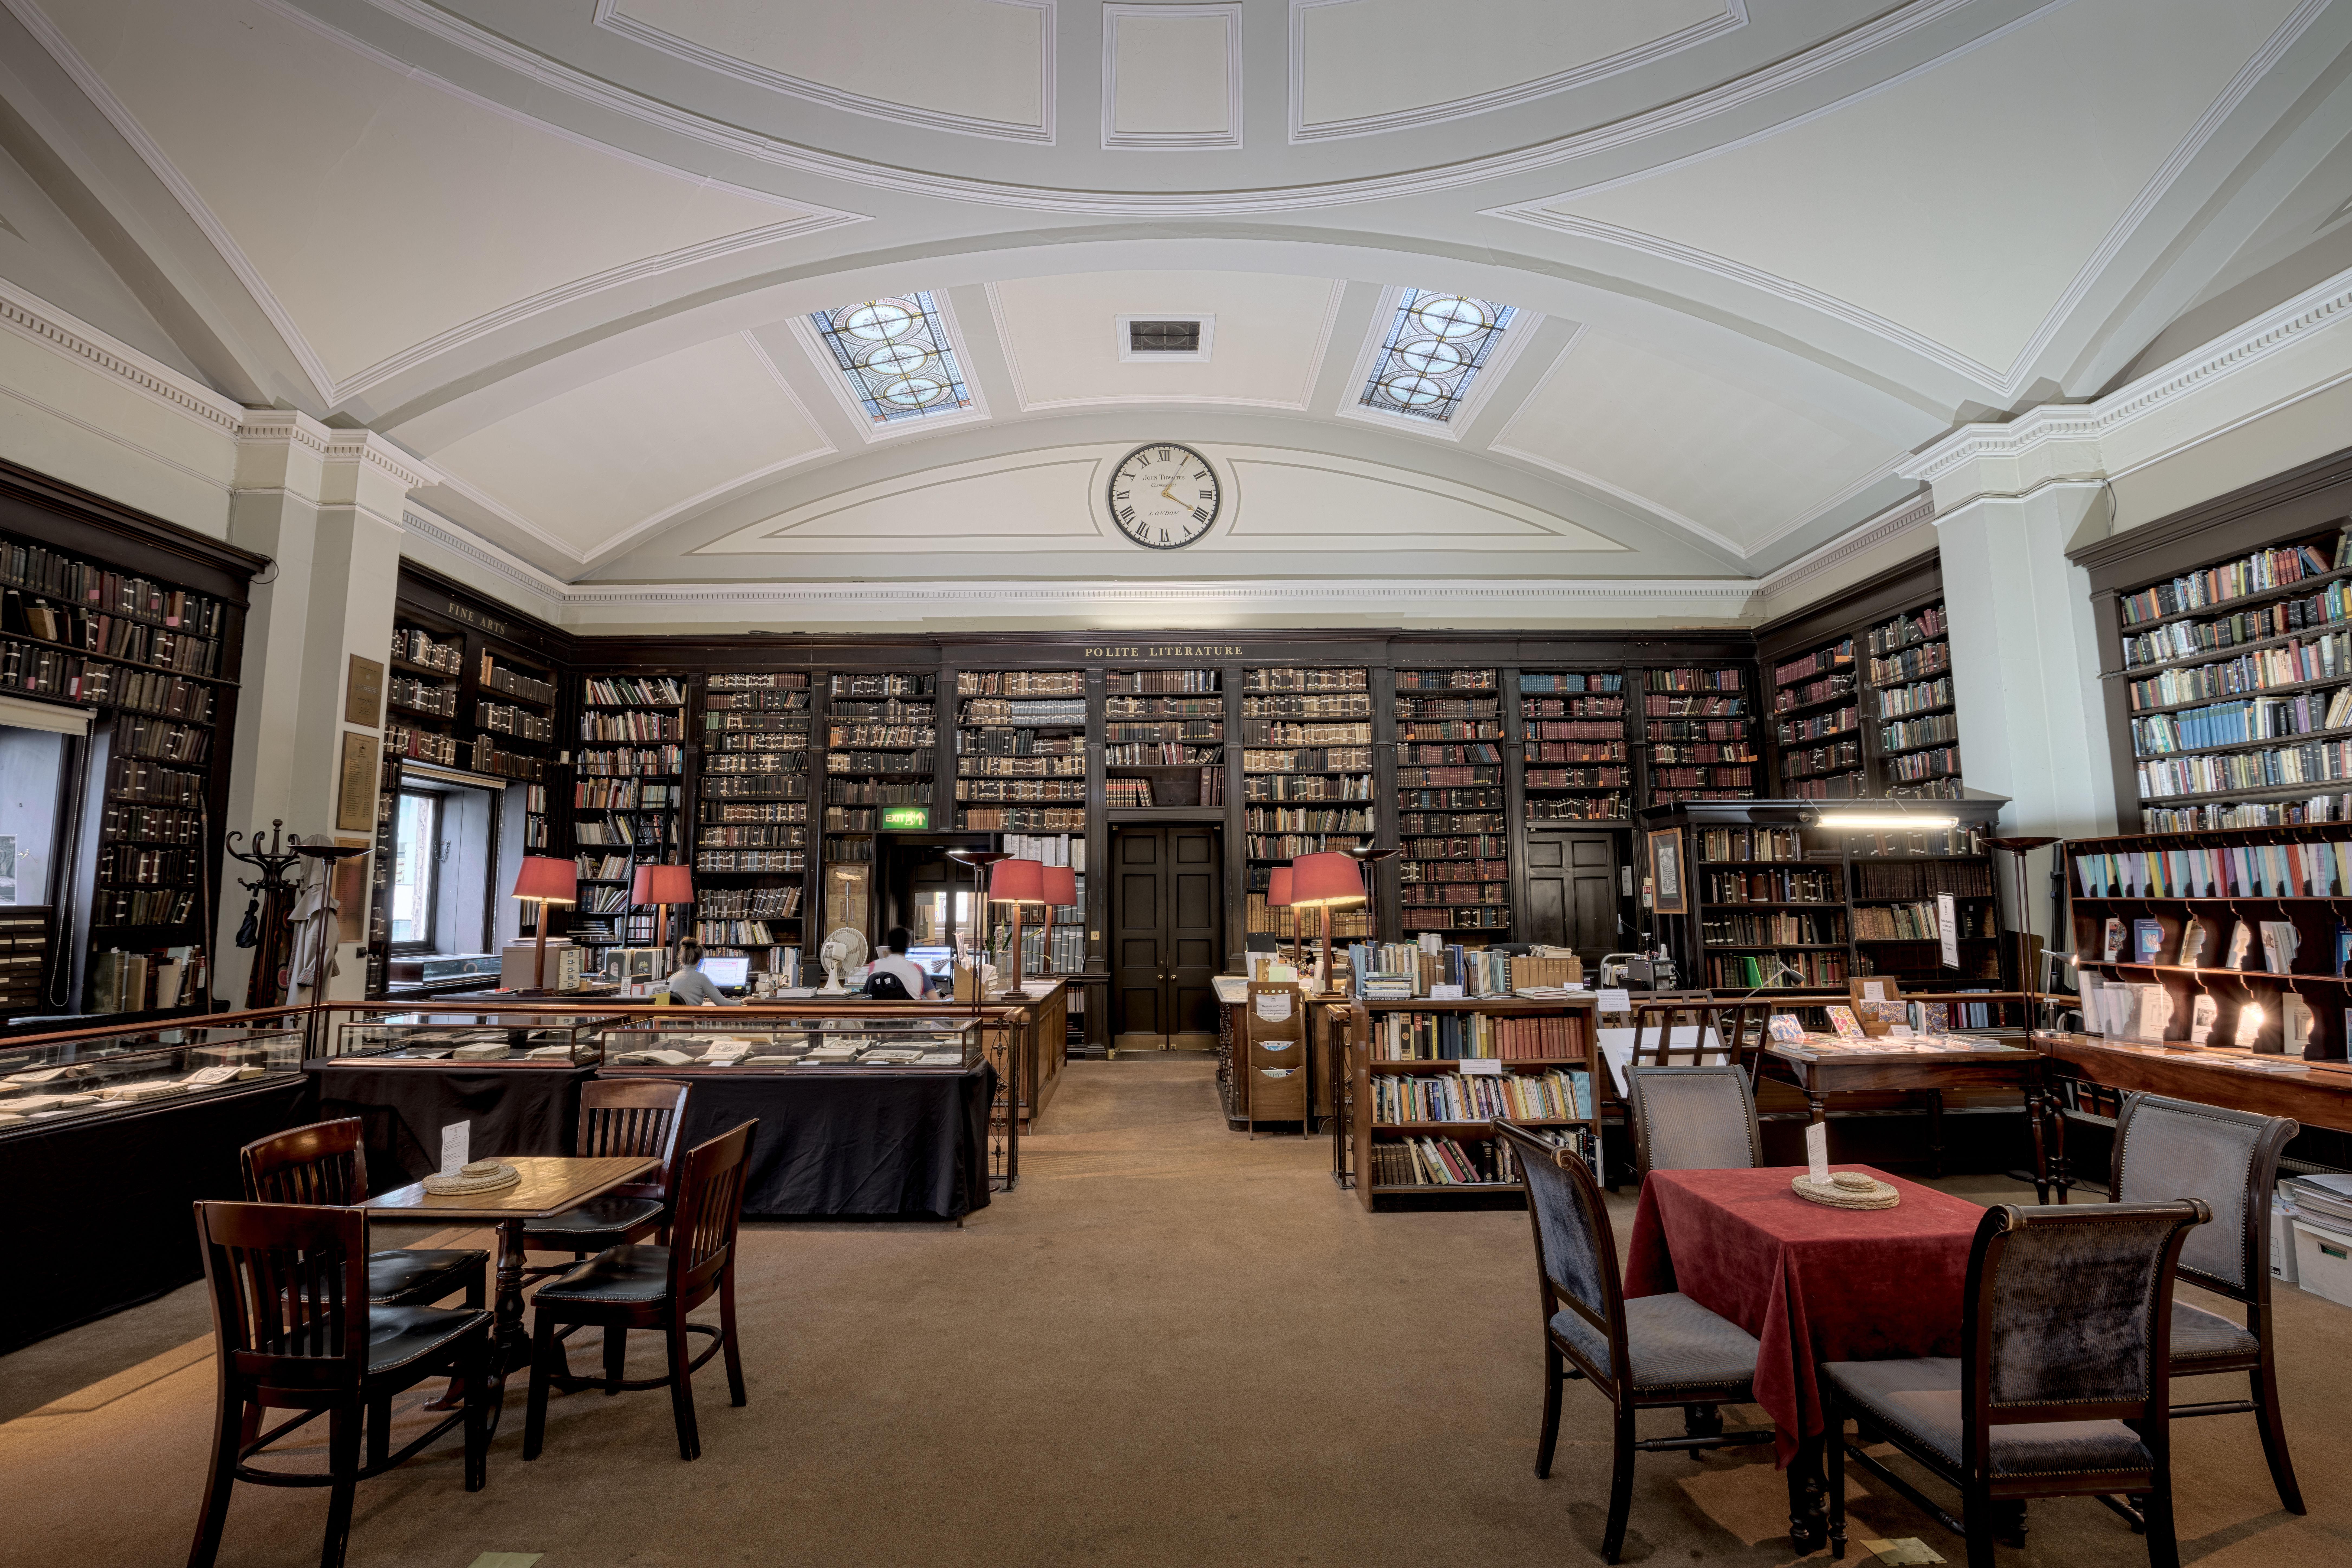 Innenarchitektur Bücher kostenlose foto buch lesen die architektur innere gebäude